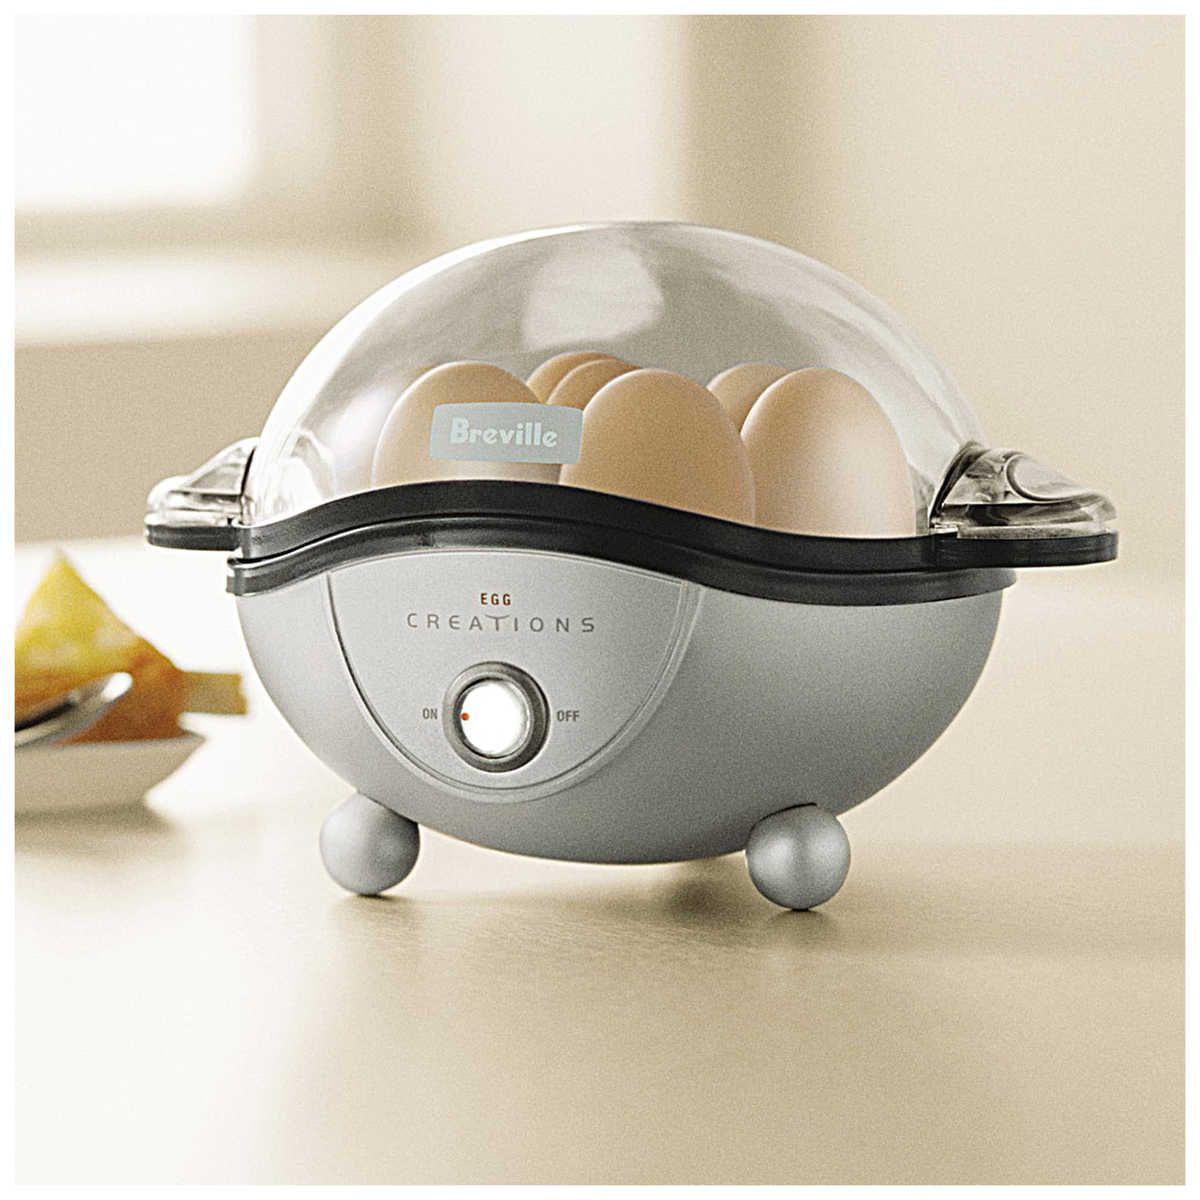 Image result for breville kitchen appliances kitchen